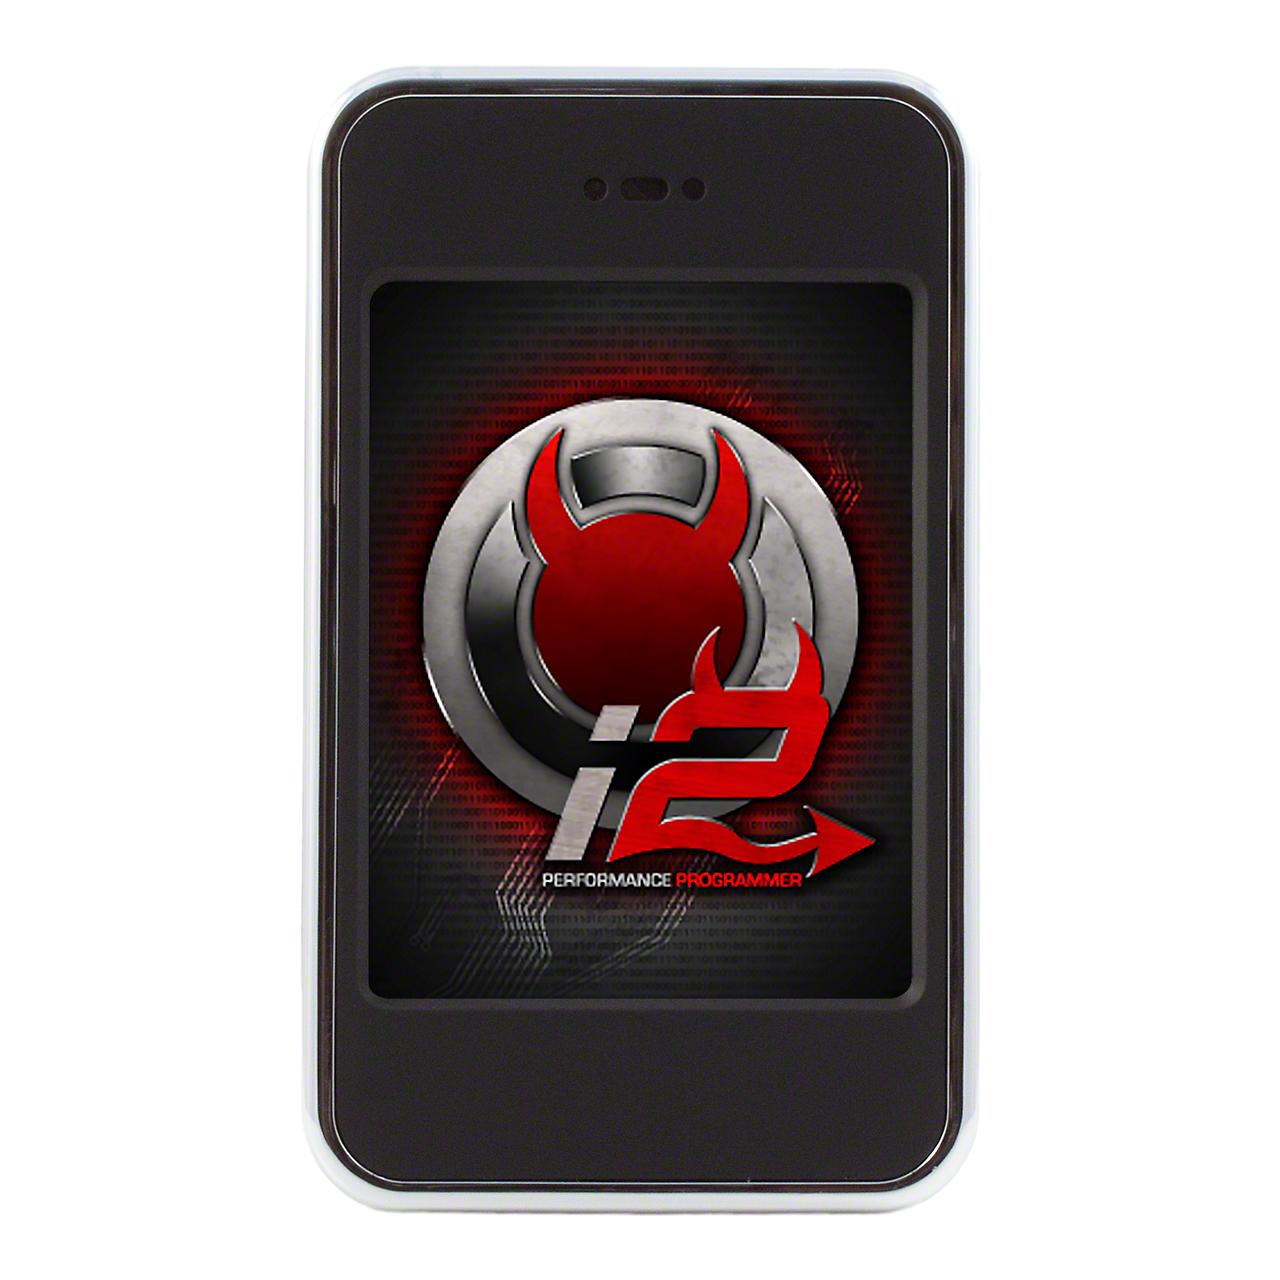 Bama Diablosport inTune i2 Tuner w/ 2 Custom Tunes (15-17 GT)